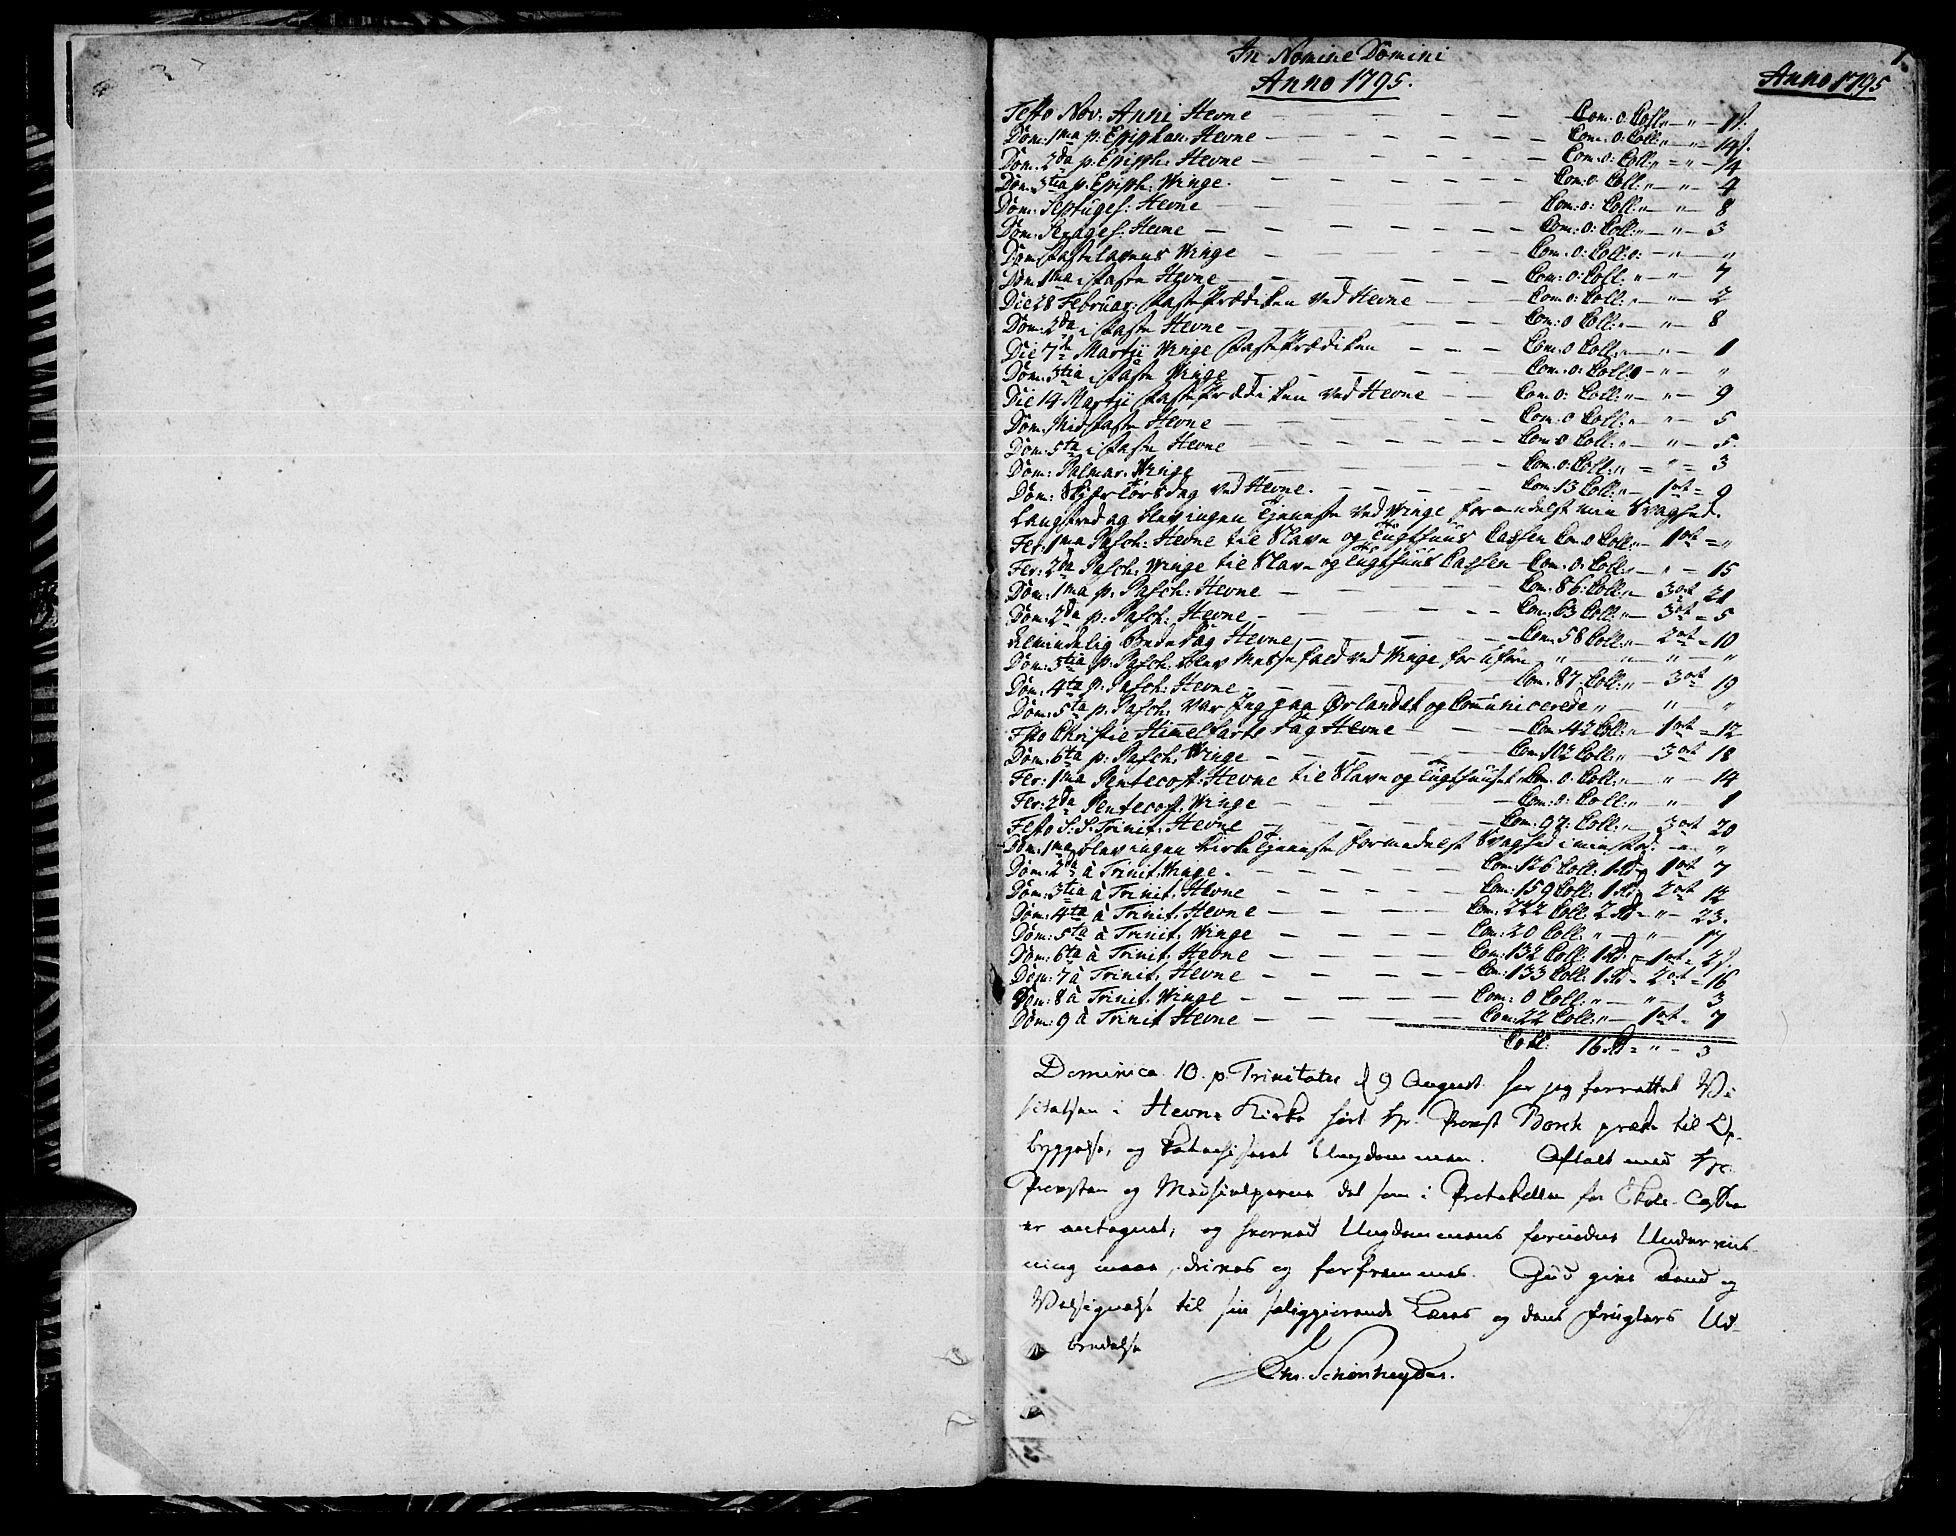 SAT, Ministerialprotokoller, klokkerbøker og fødselsregistre - Sør-Trøndelag, 630/L0490: Ministerialbok nr. 630A03, 1795-1818, s. 1